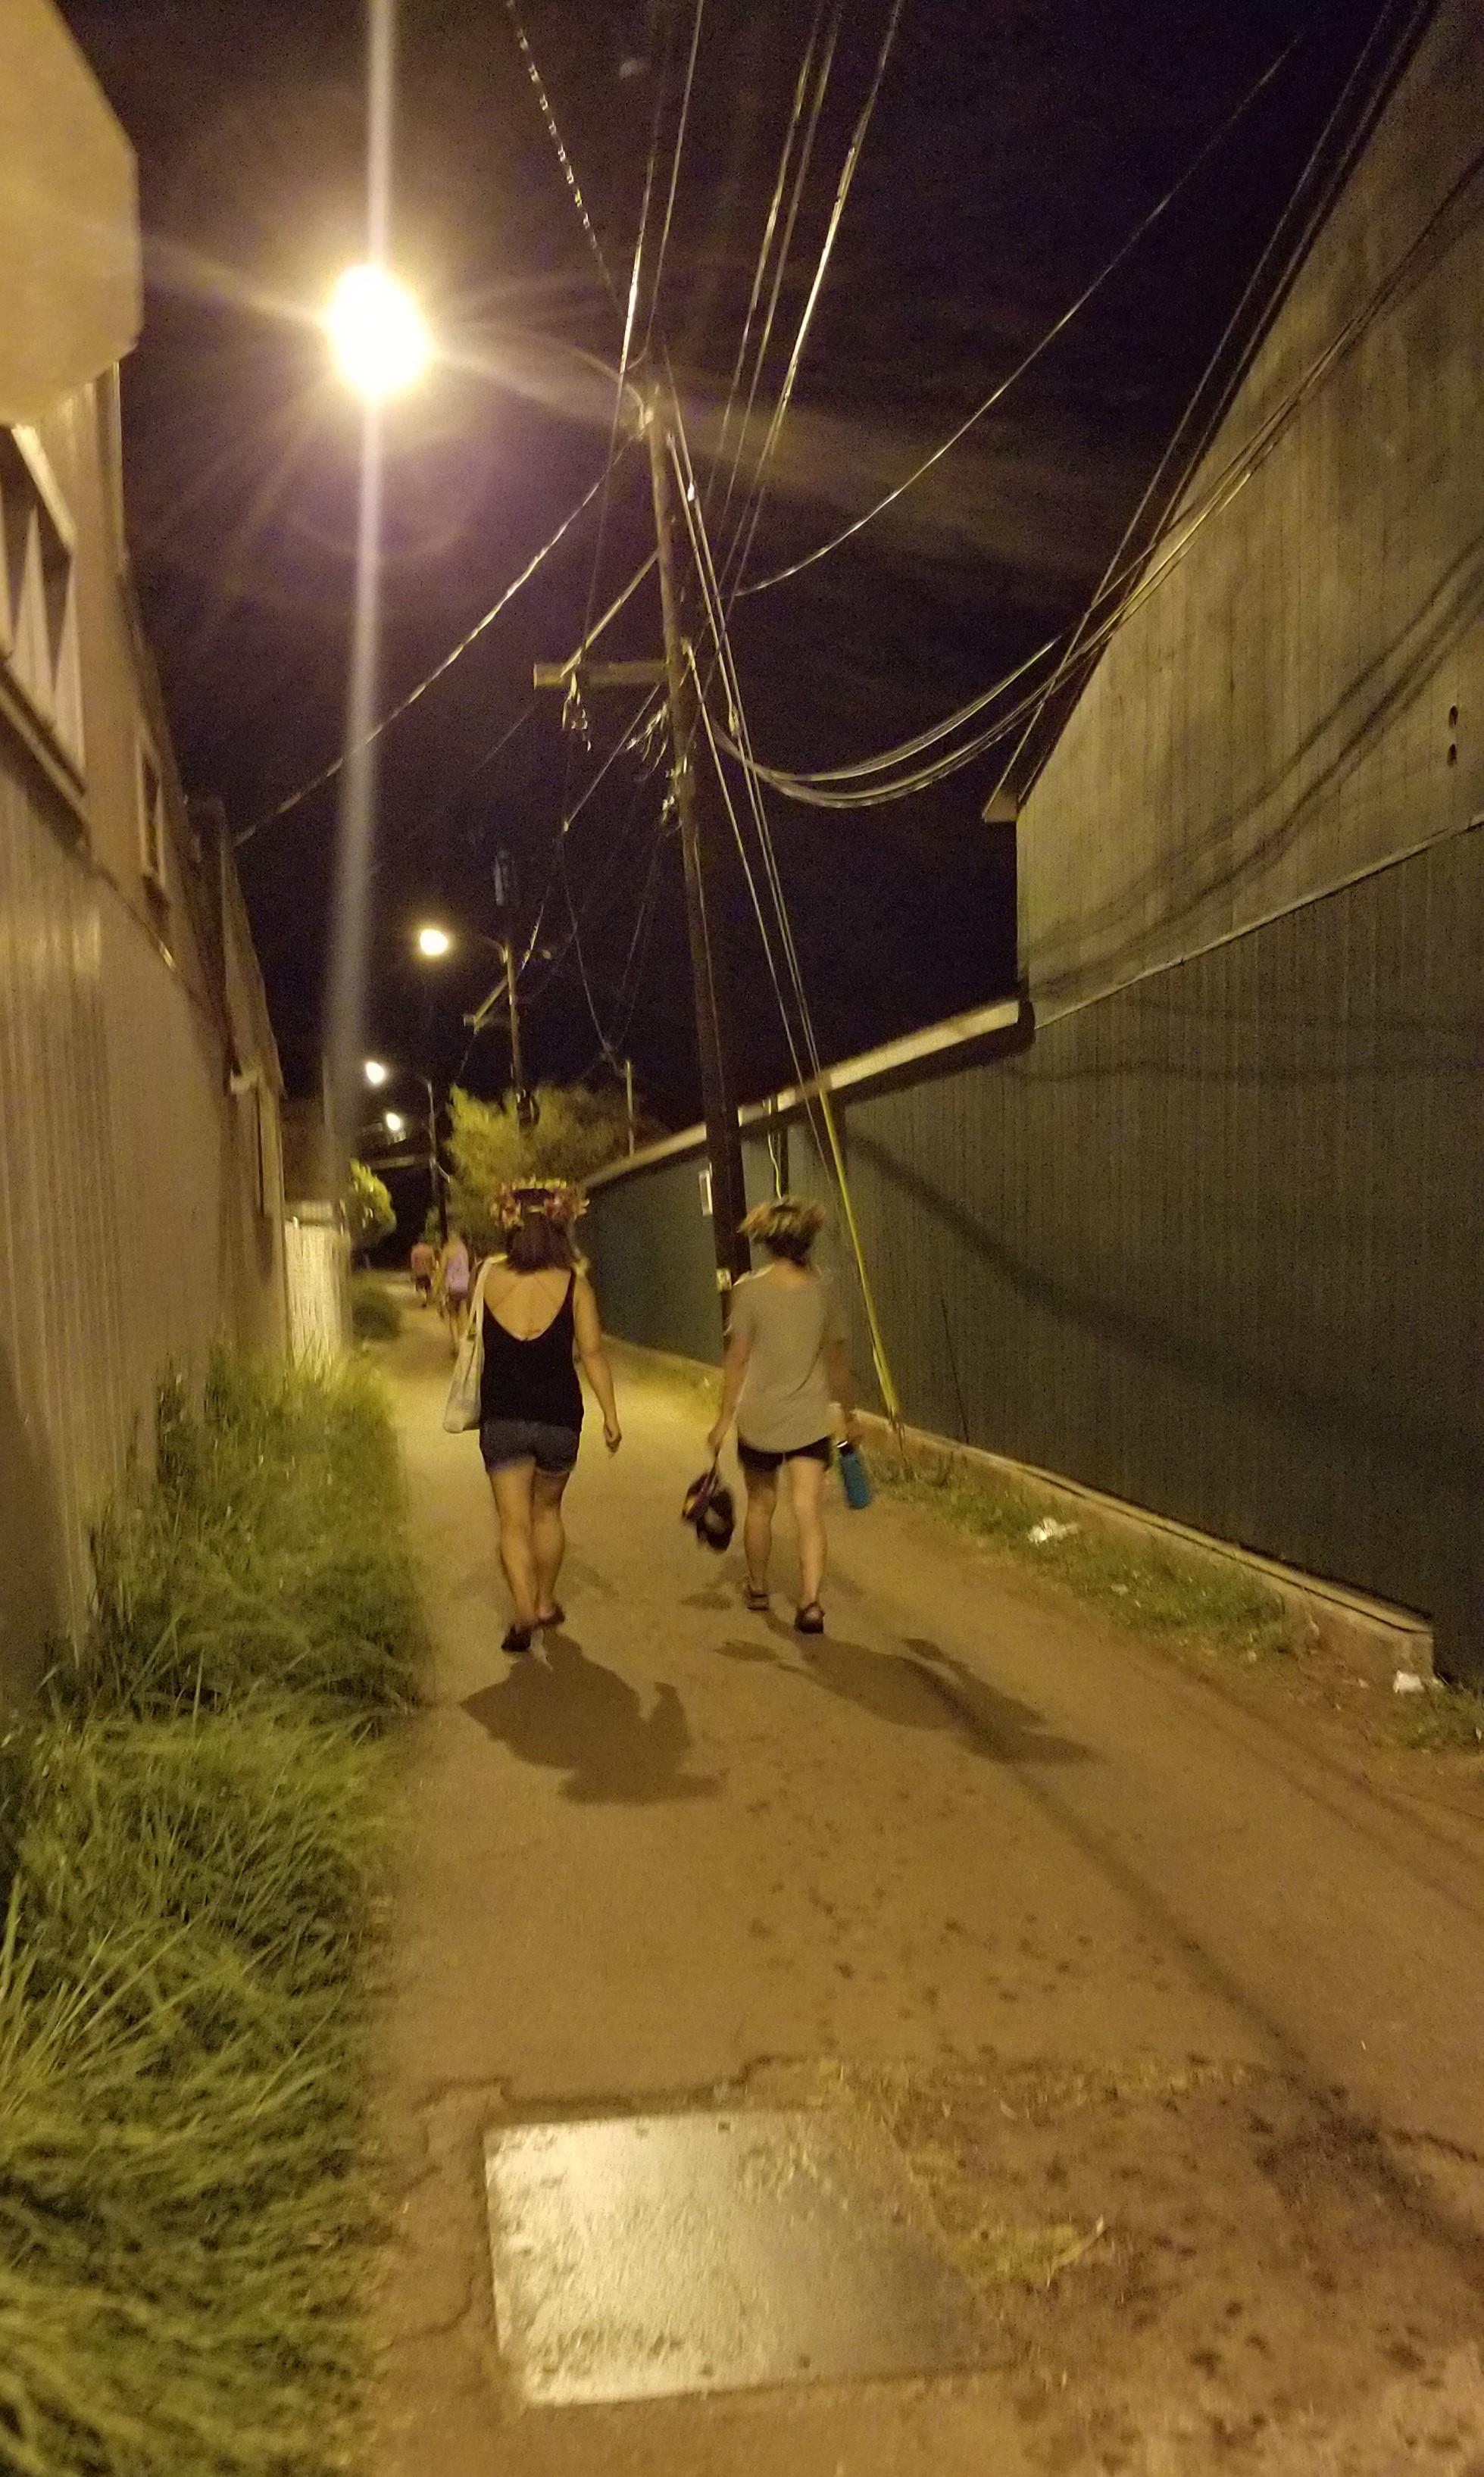 Following strangers down an alleyway…